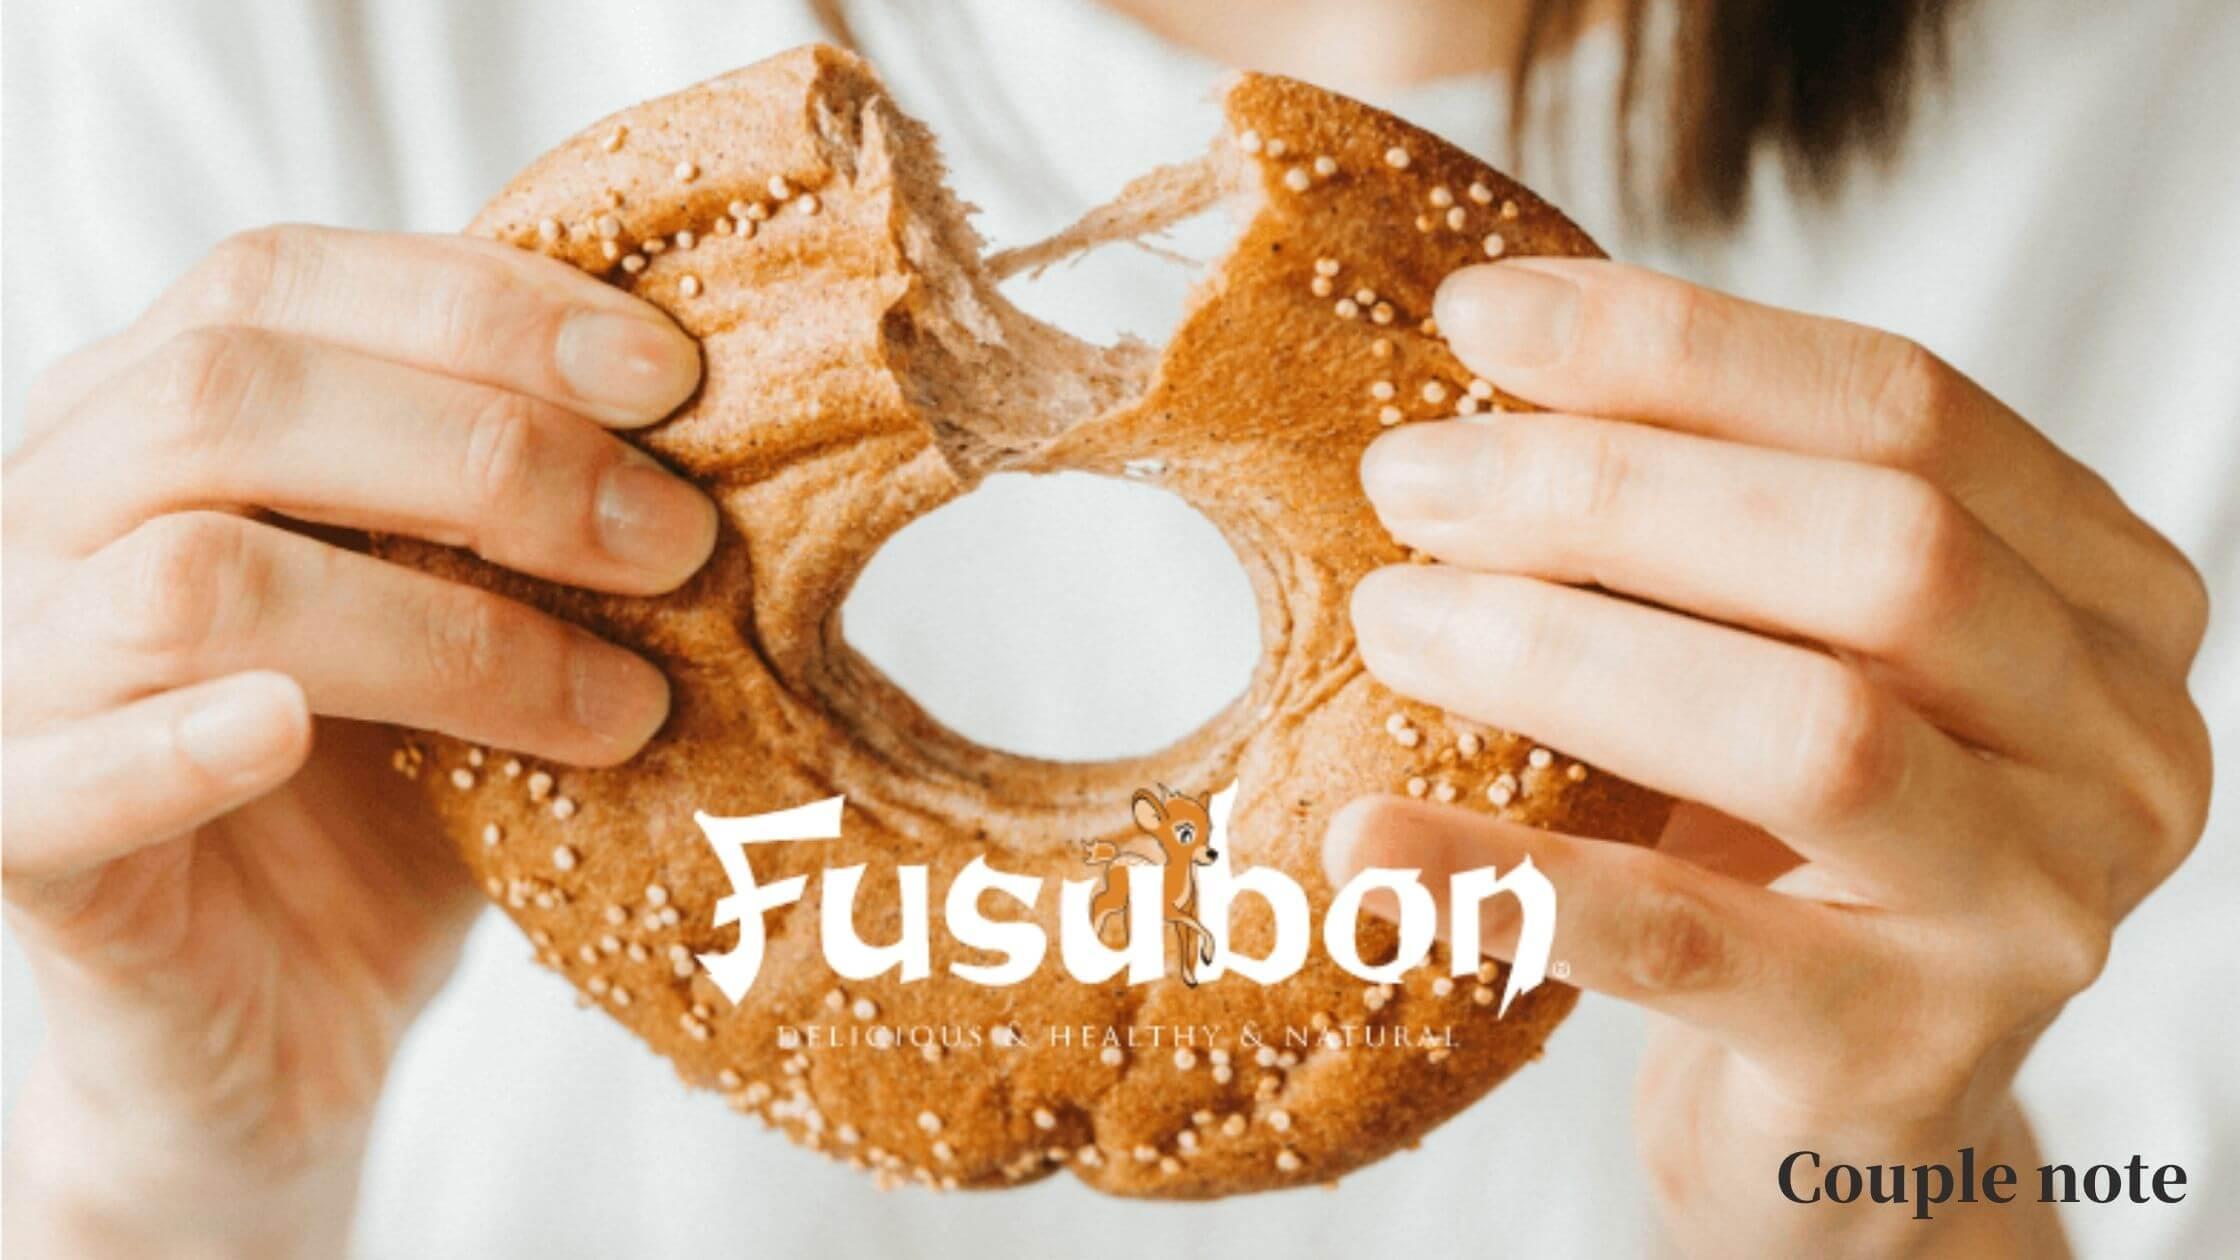 【口コミ】フスボンの味はまずい?美味しくない?評判を徹底調査